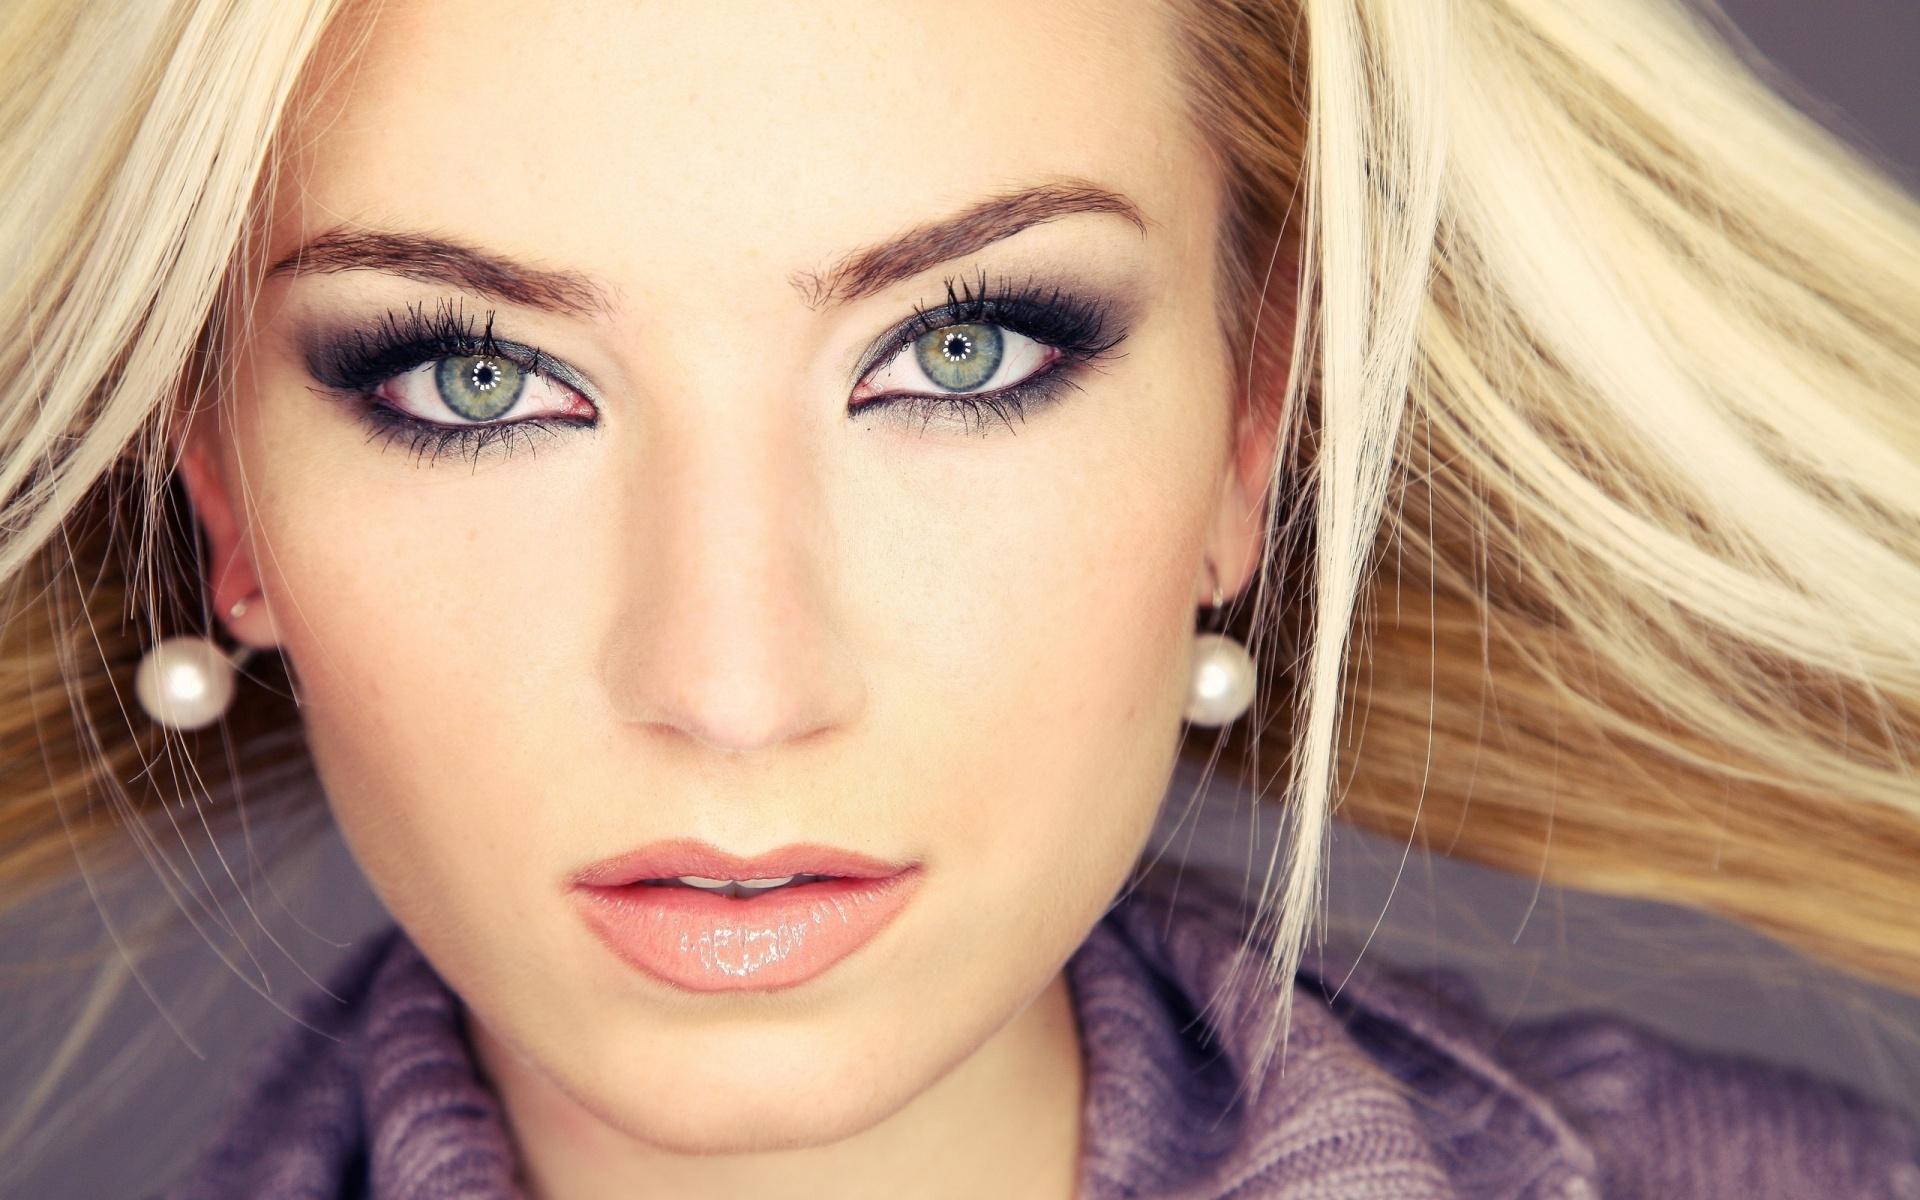 Макияж для светлых глаз и темных волос светлой кожи